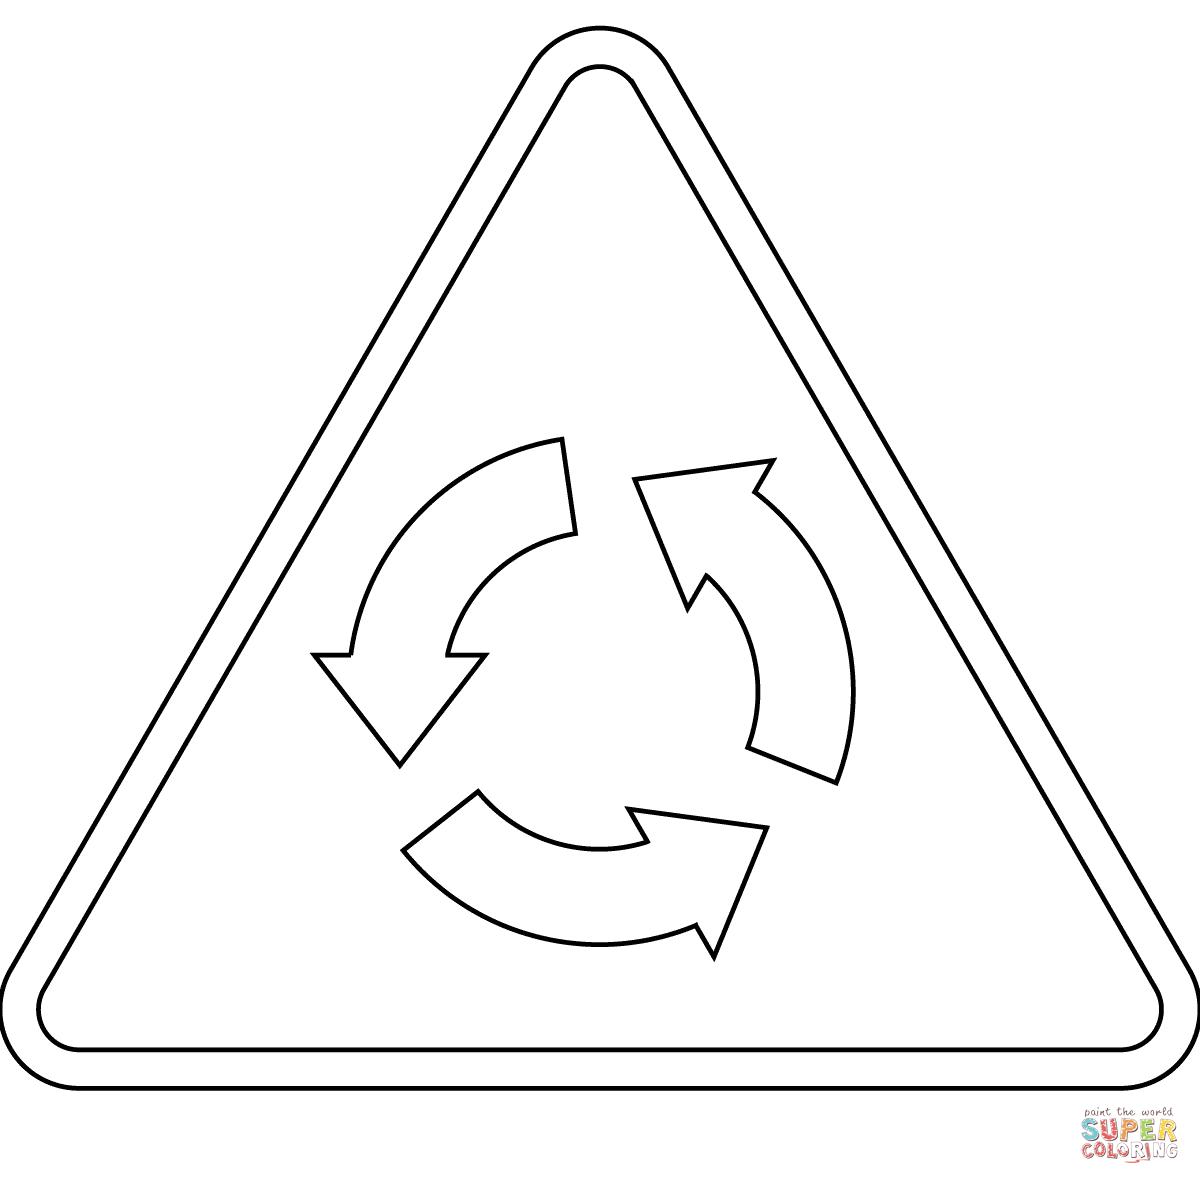 Desenho De Rotatória Adiante A